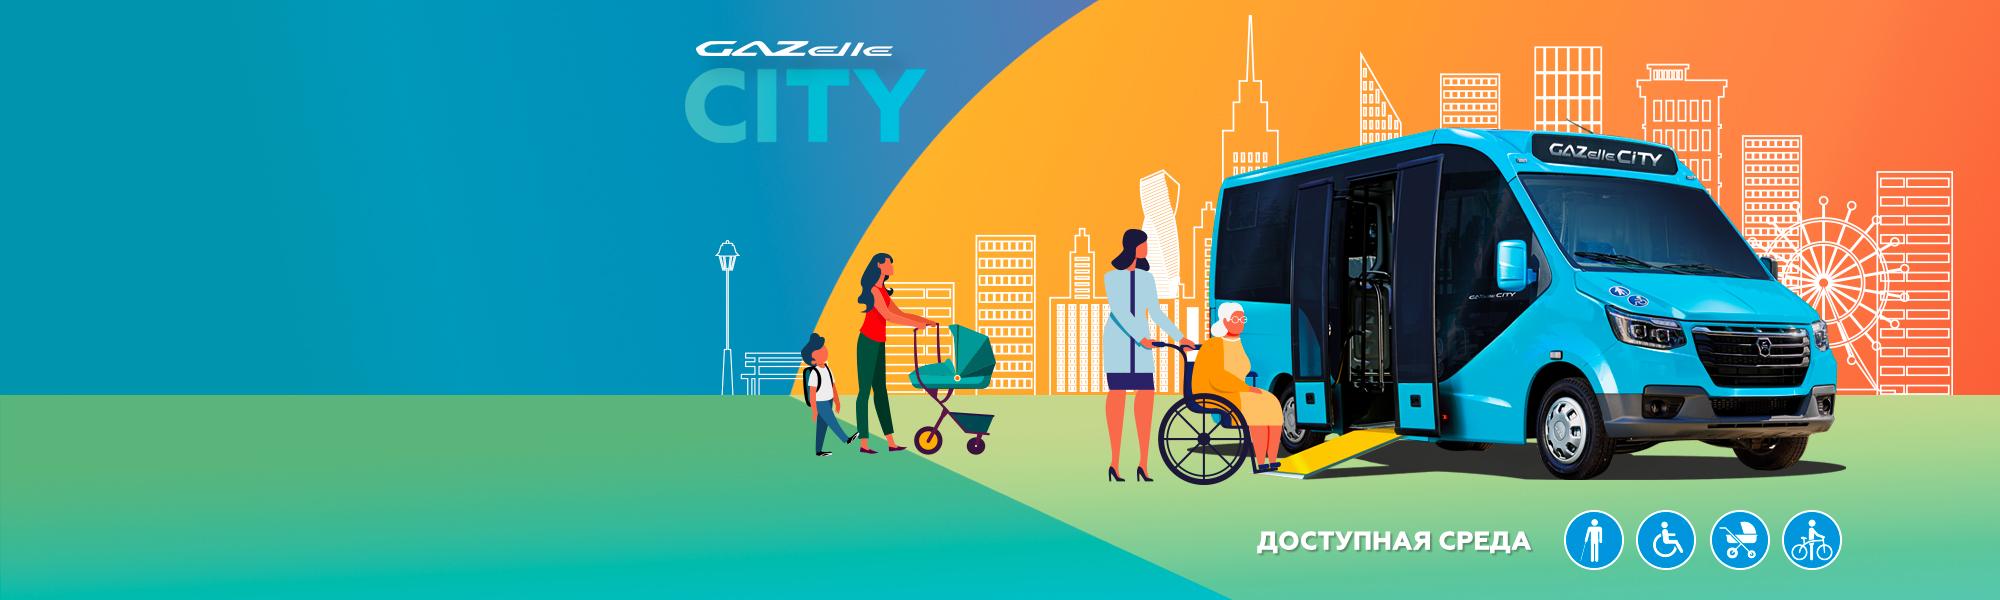 Спецпредложение ЛИЗИНГ 0% на 3 года при покупке ГАЗель City. Изображение для десктопа